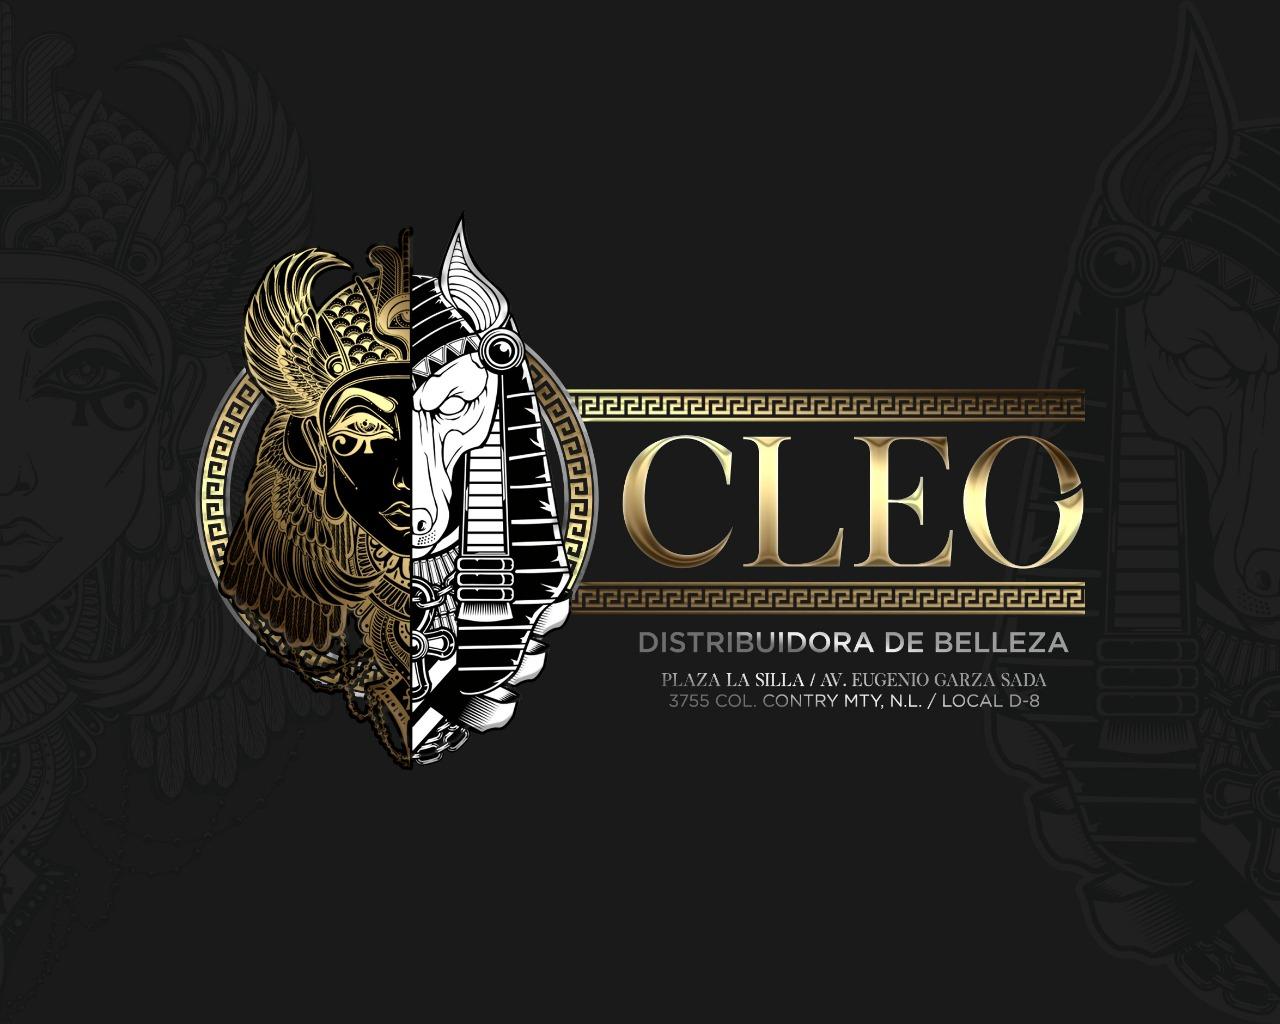 PRODUCTOS DE BELLEZA CLEO